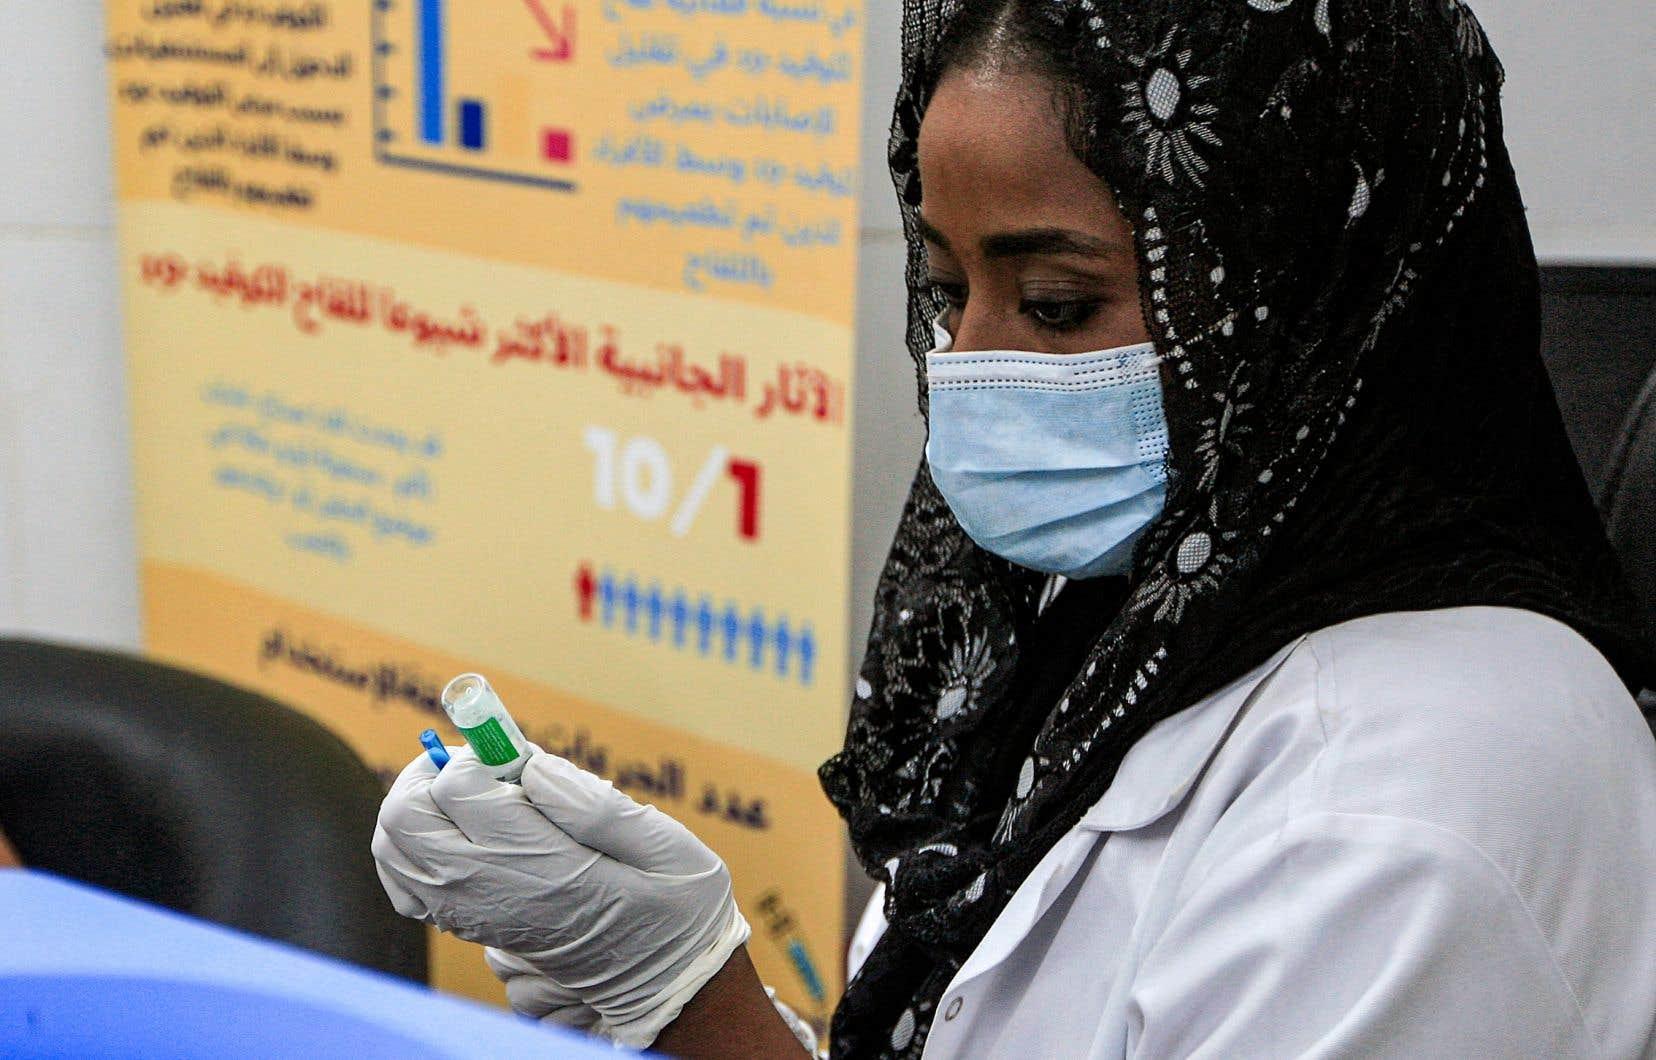 Globalement, seulement 0,1% des doses administrées dans le monde l'ont été dans des pays à «faible revenu», comme ici au Soudan.